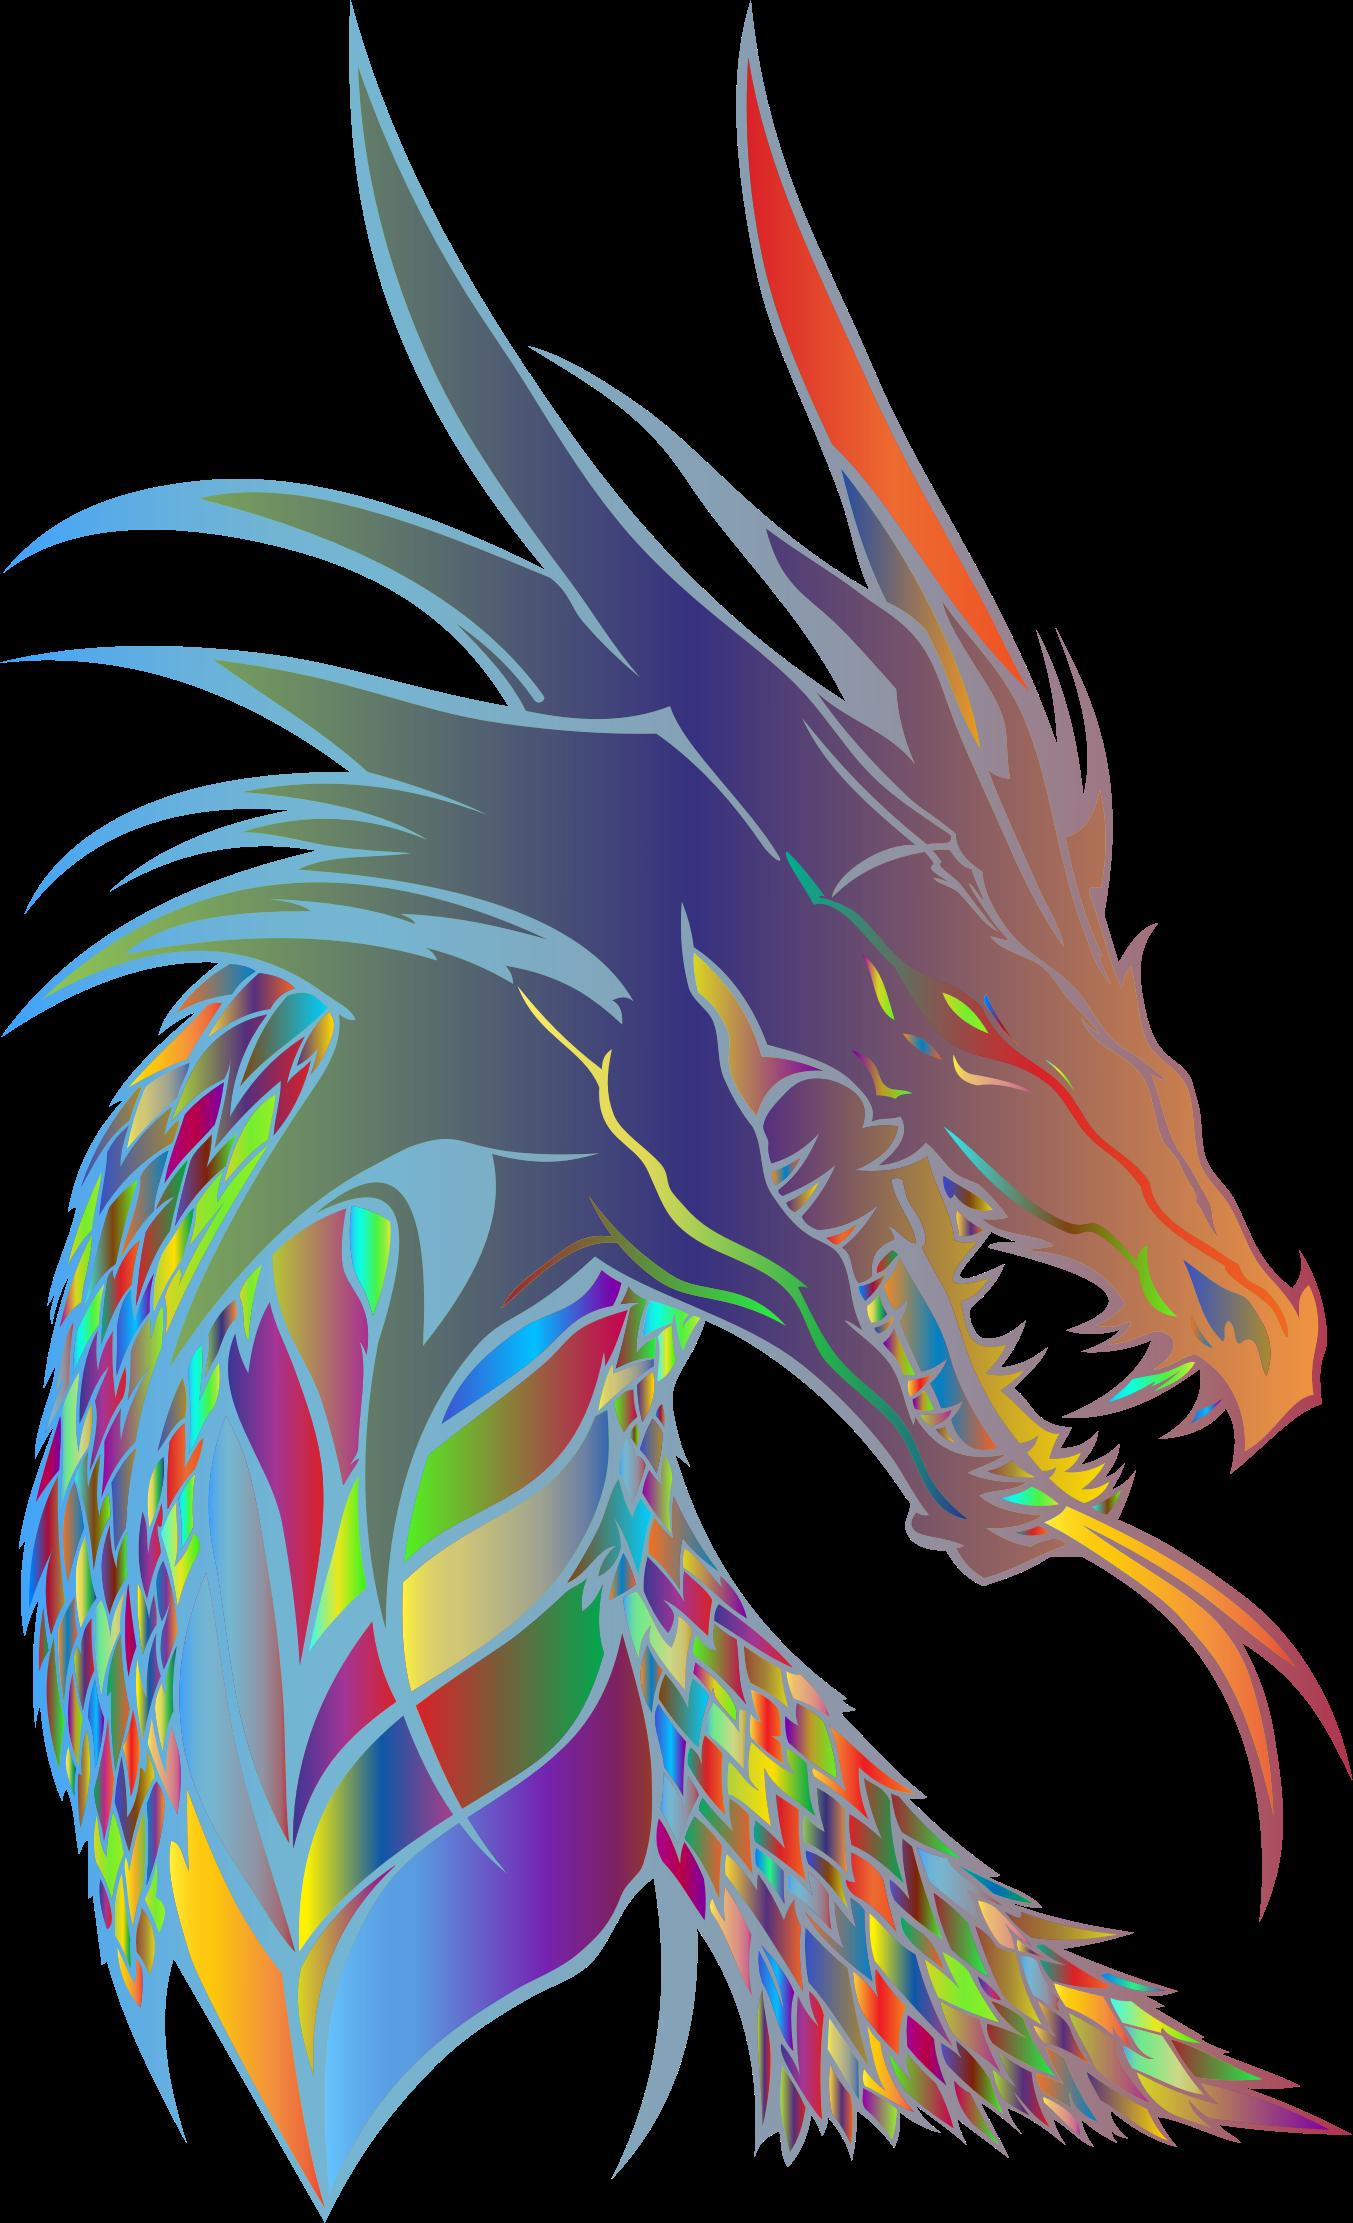 Prismatic big image png. Clipart dragon dragon head